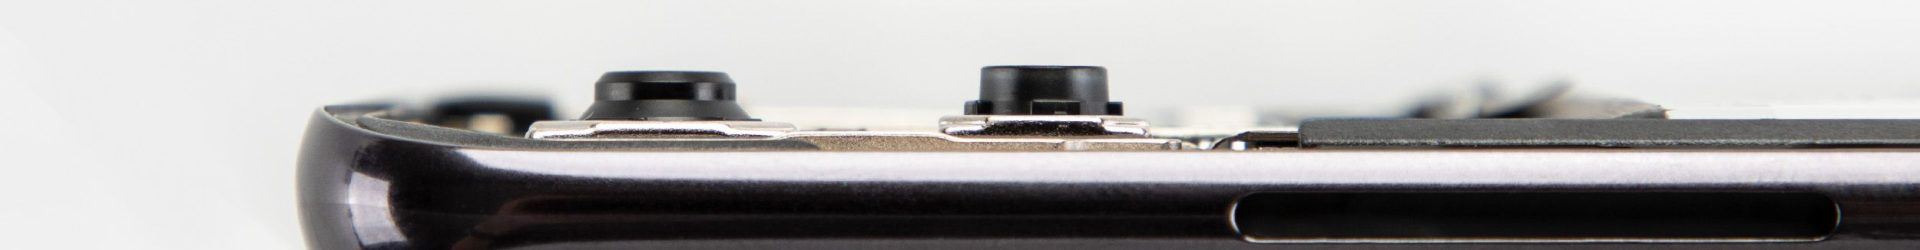 UMIDIGI S3 Pro utilizzerà il sensore Sony IMX586 da 48 MP ed una batteria da 5150 mAh